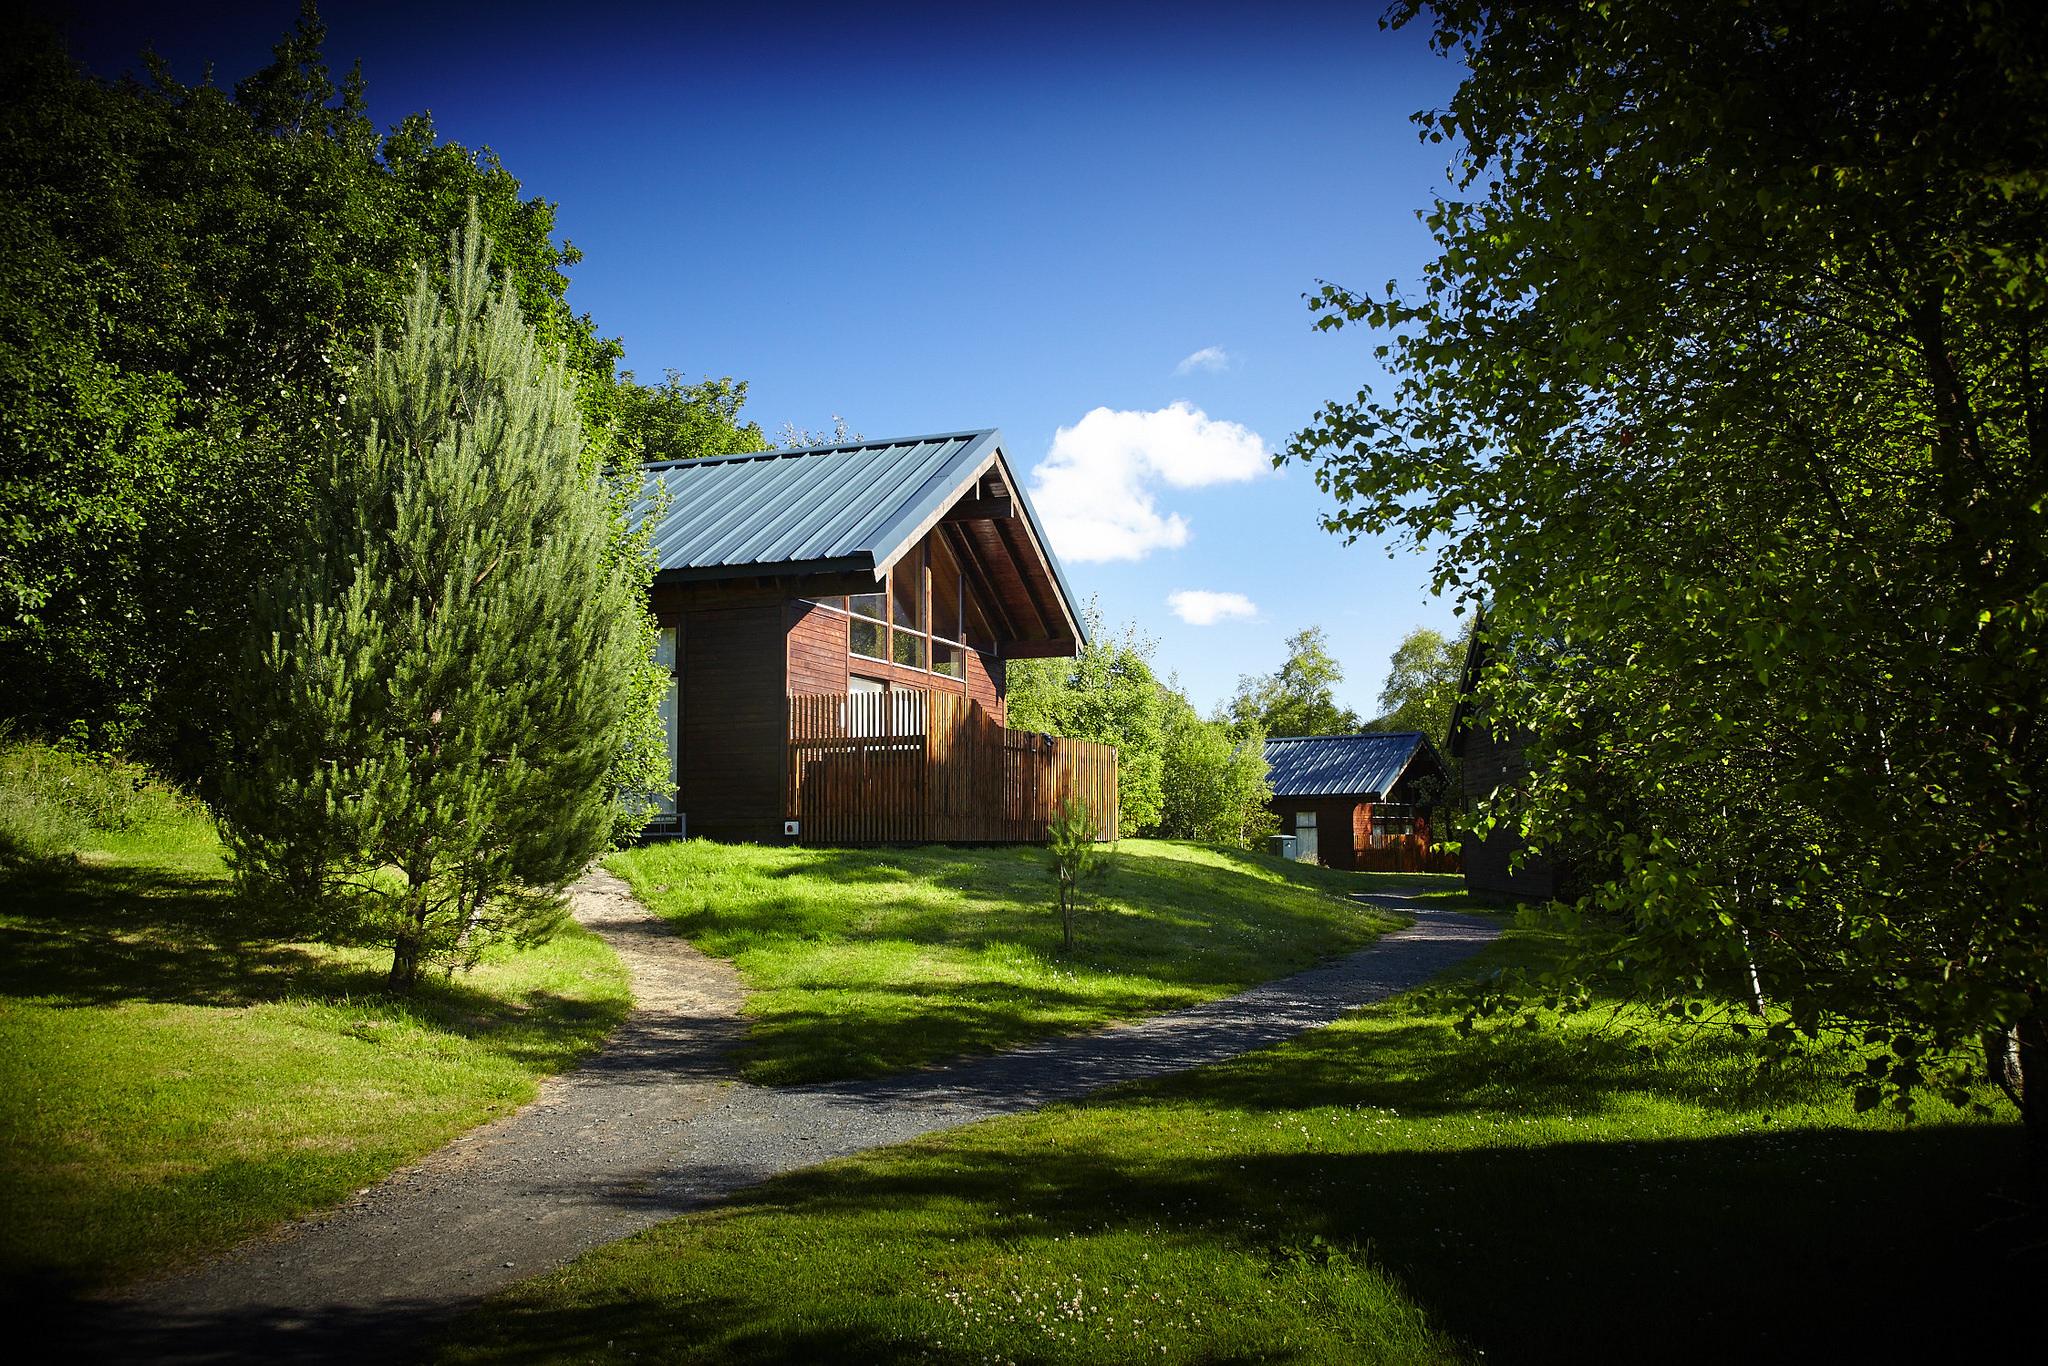 forest_holidays_strathyre_cabins